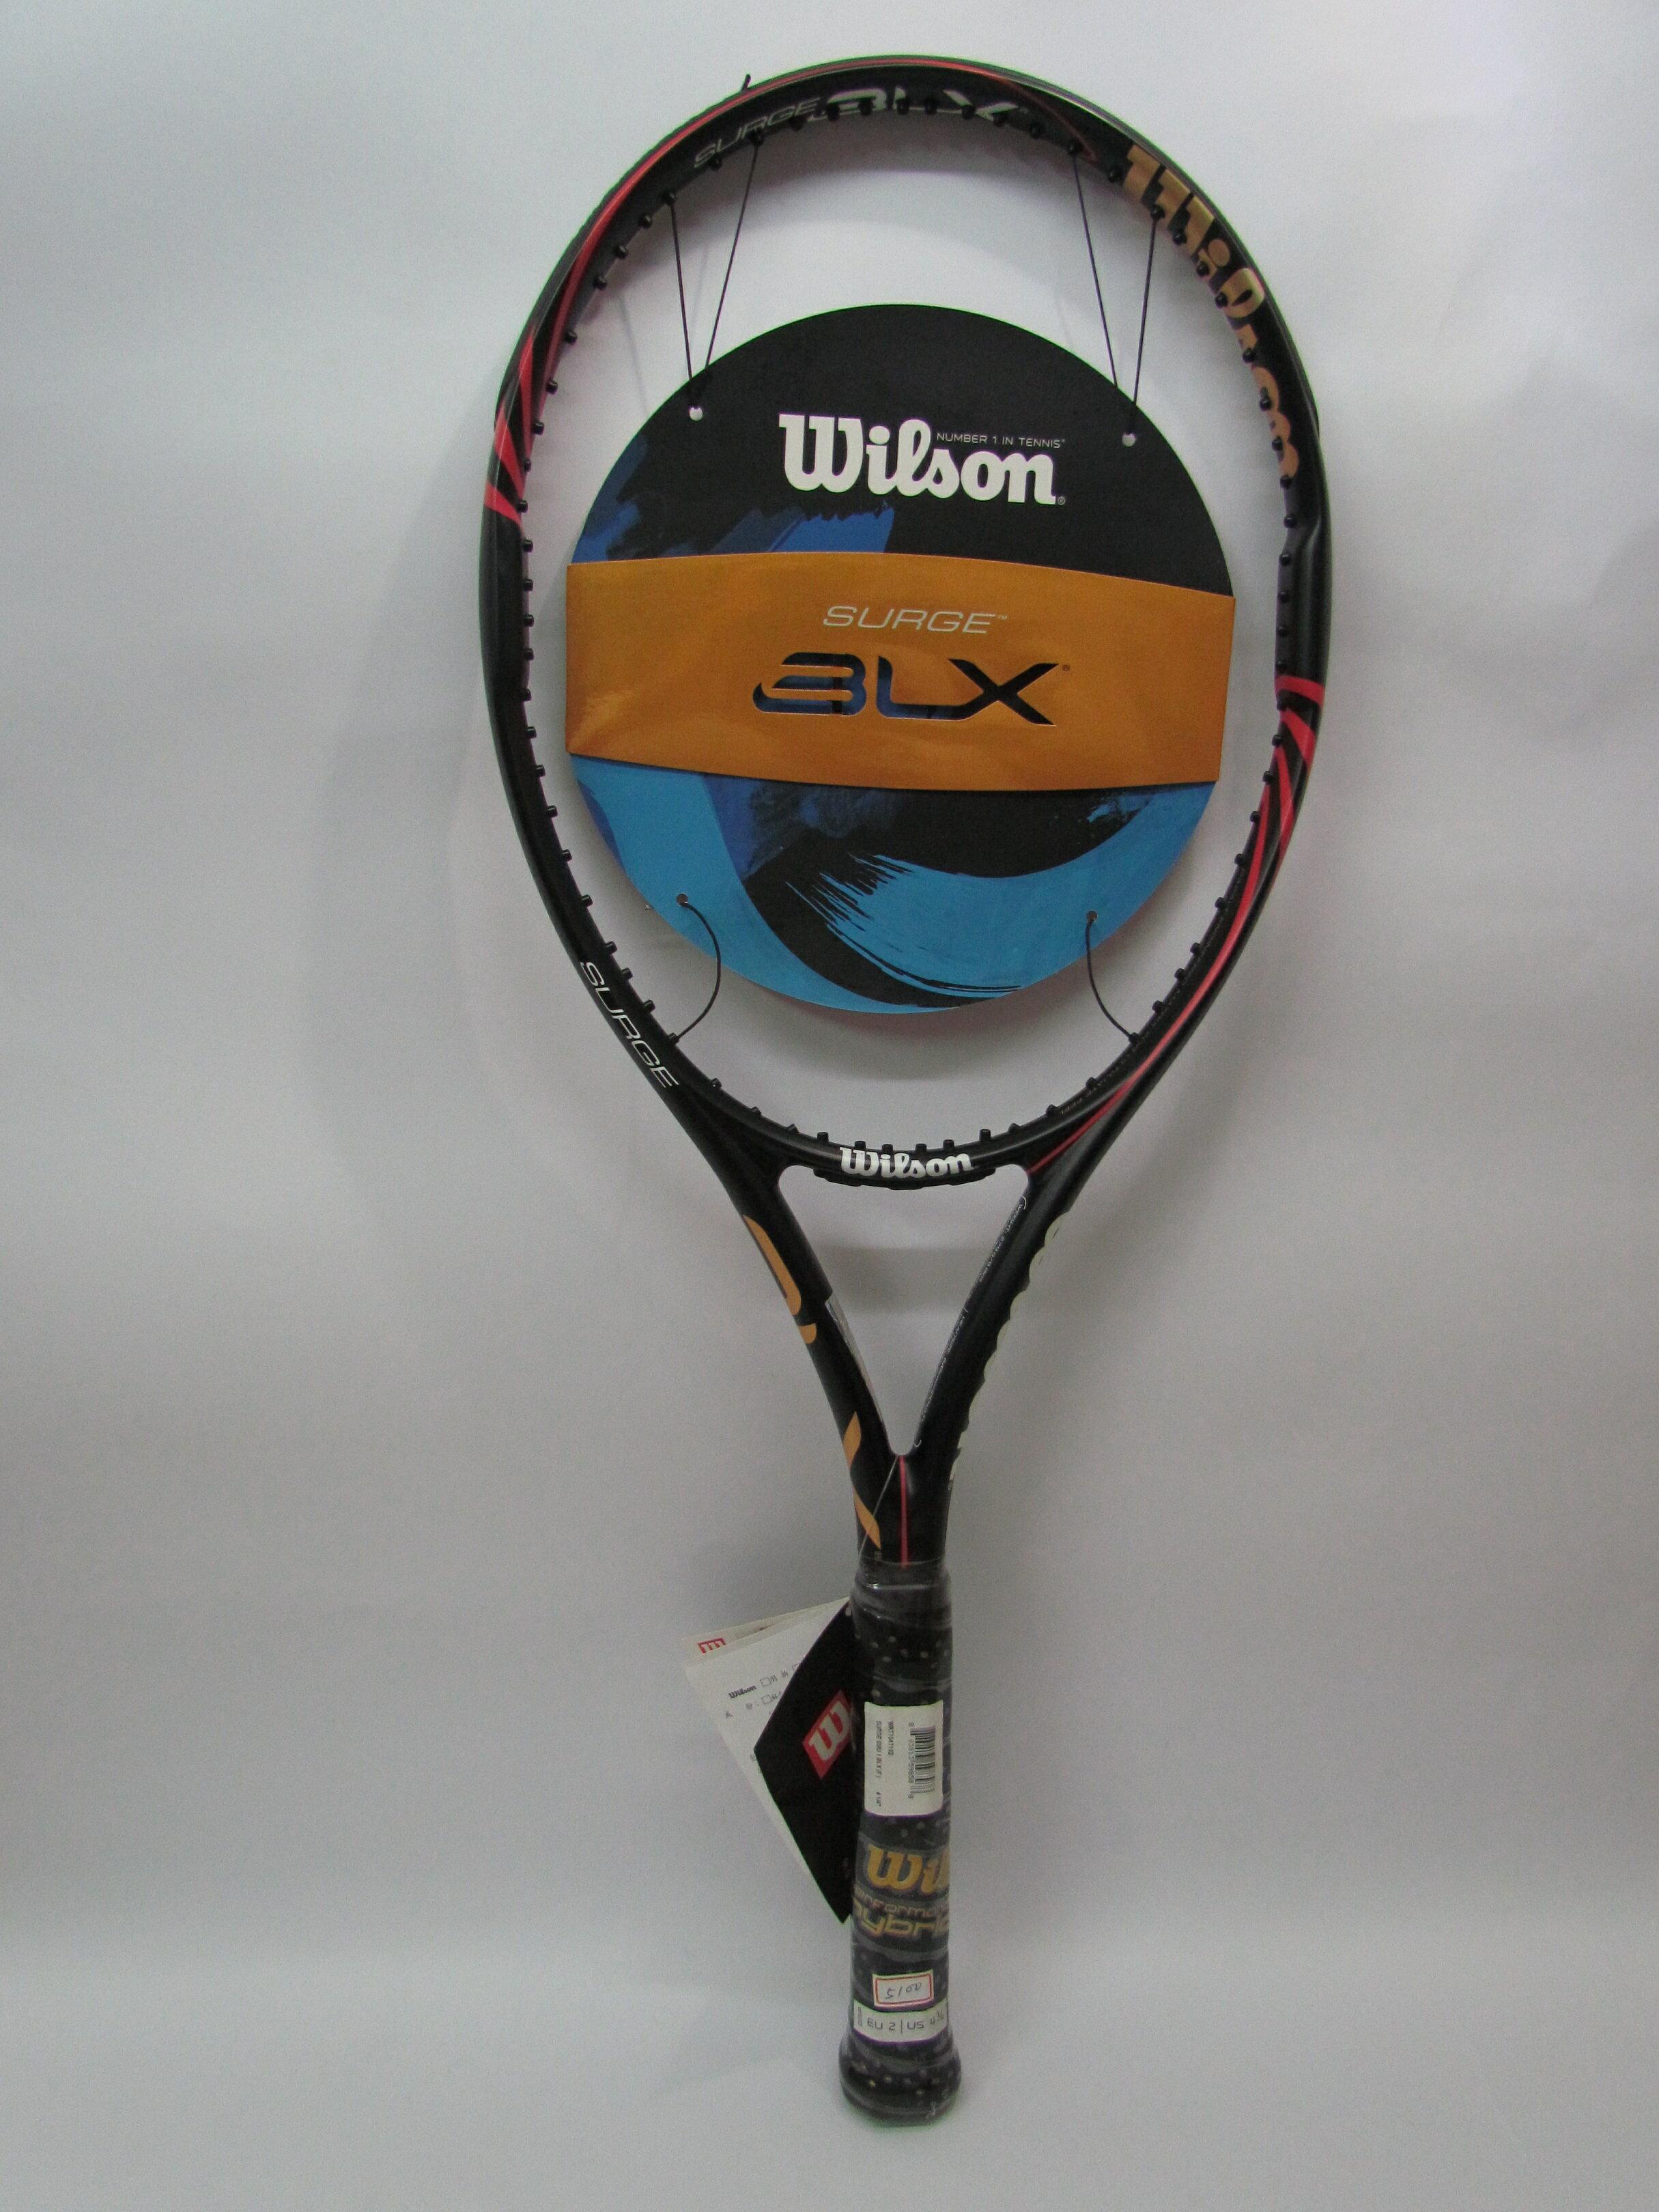 Wilson專業網球拍 Surge BLX